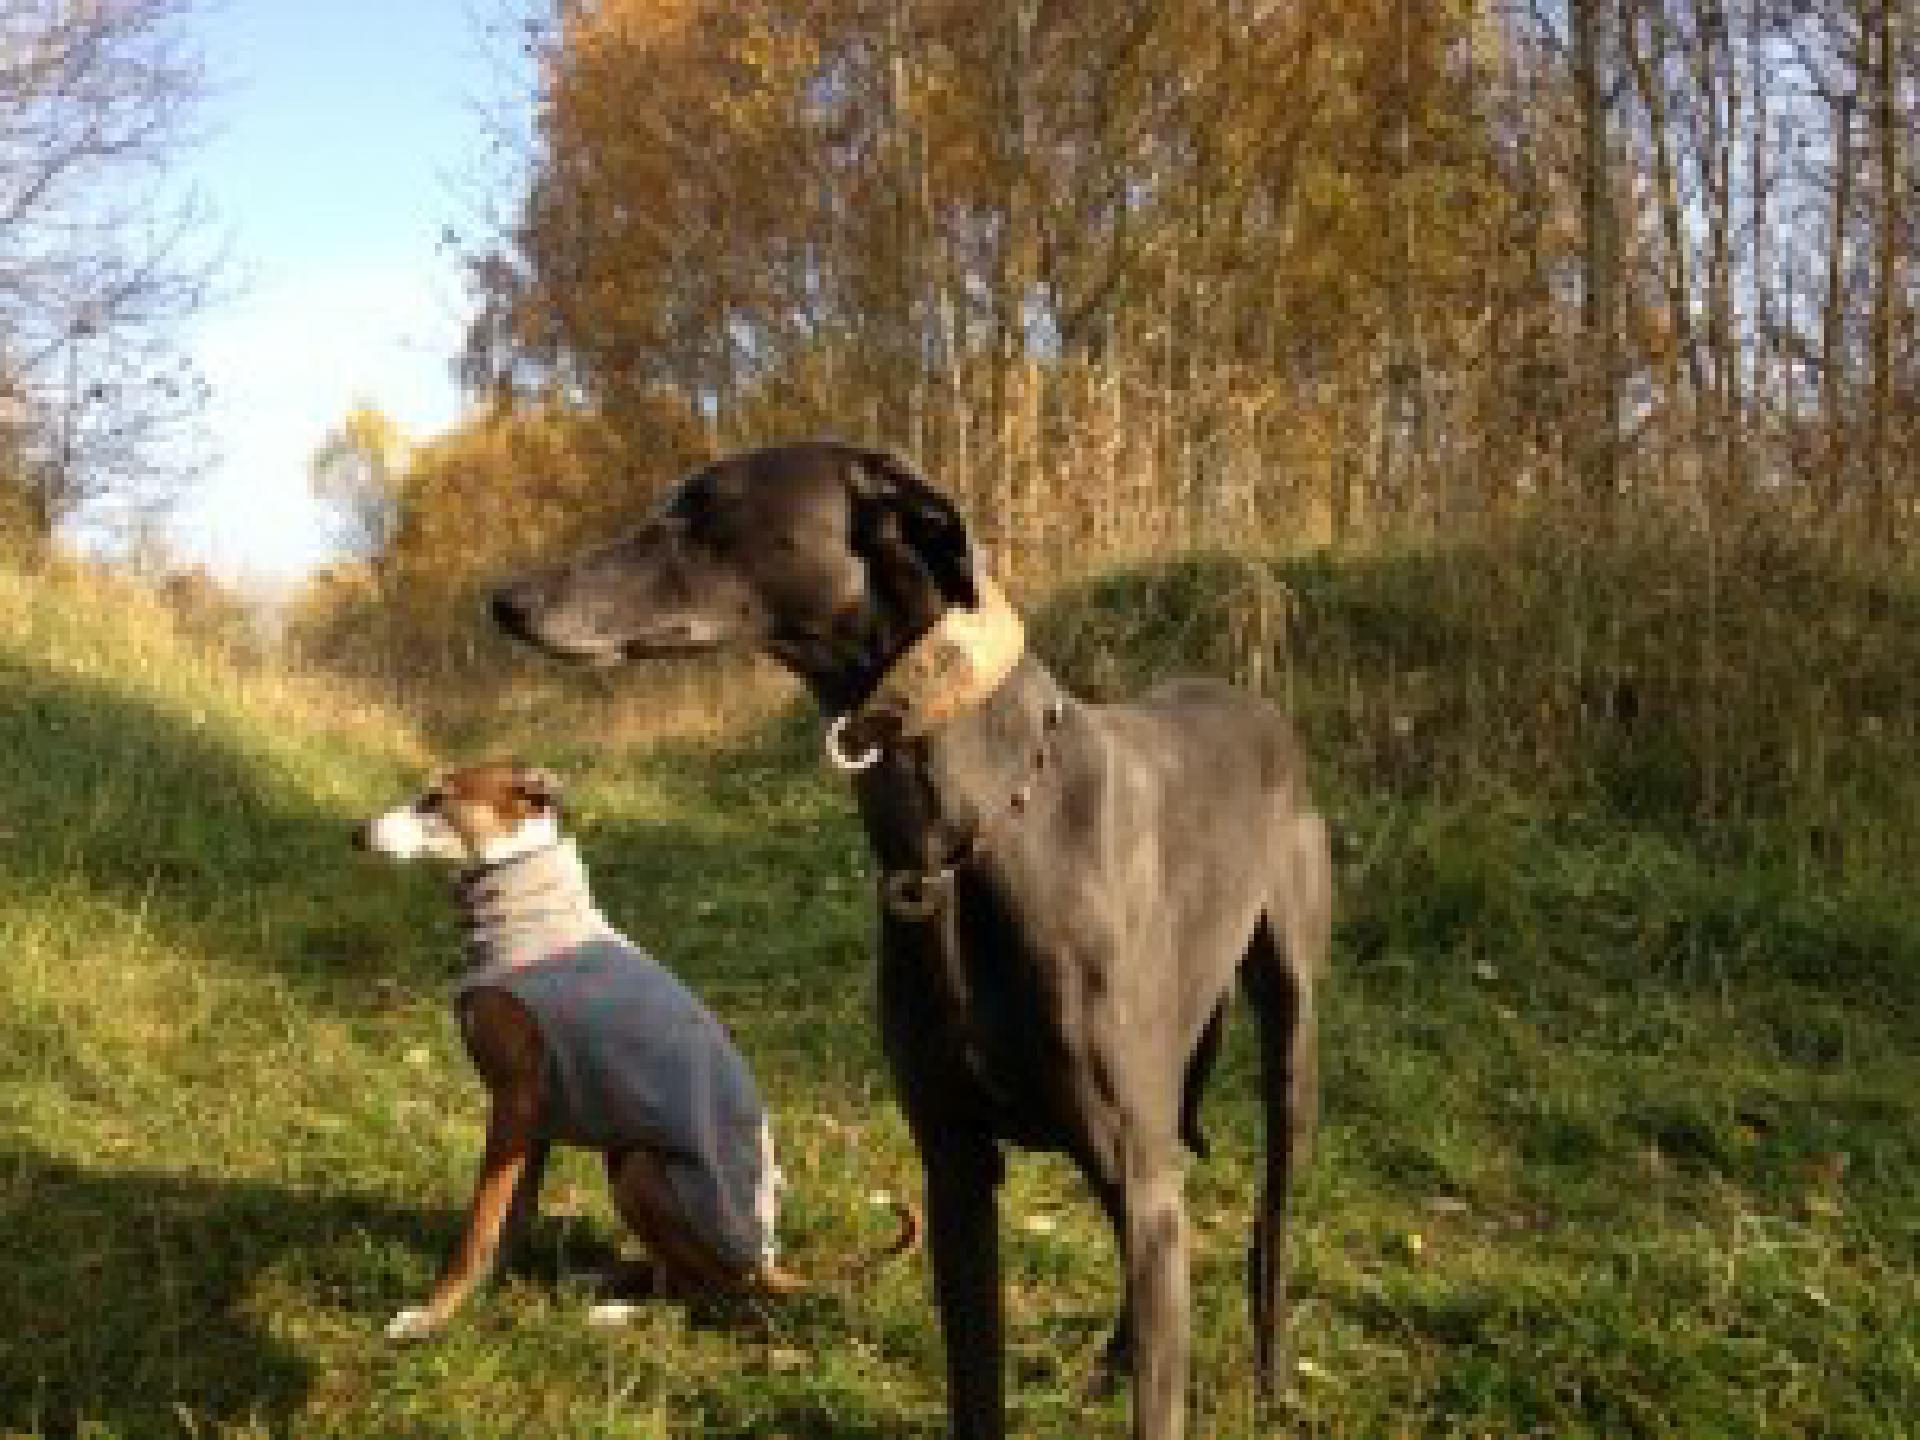 Fritz und Nano beobachten nachdenklich das Renn-Schauspiel von Amali